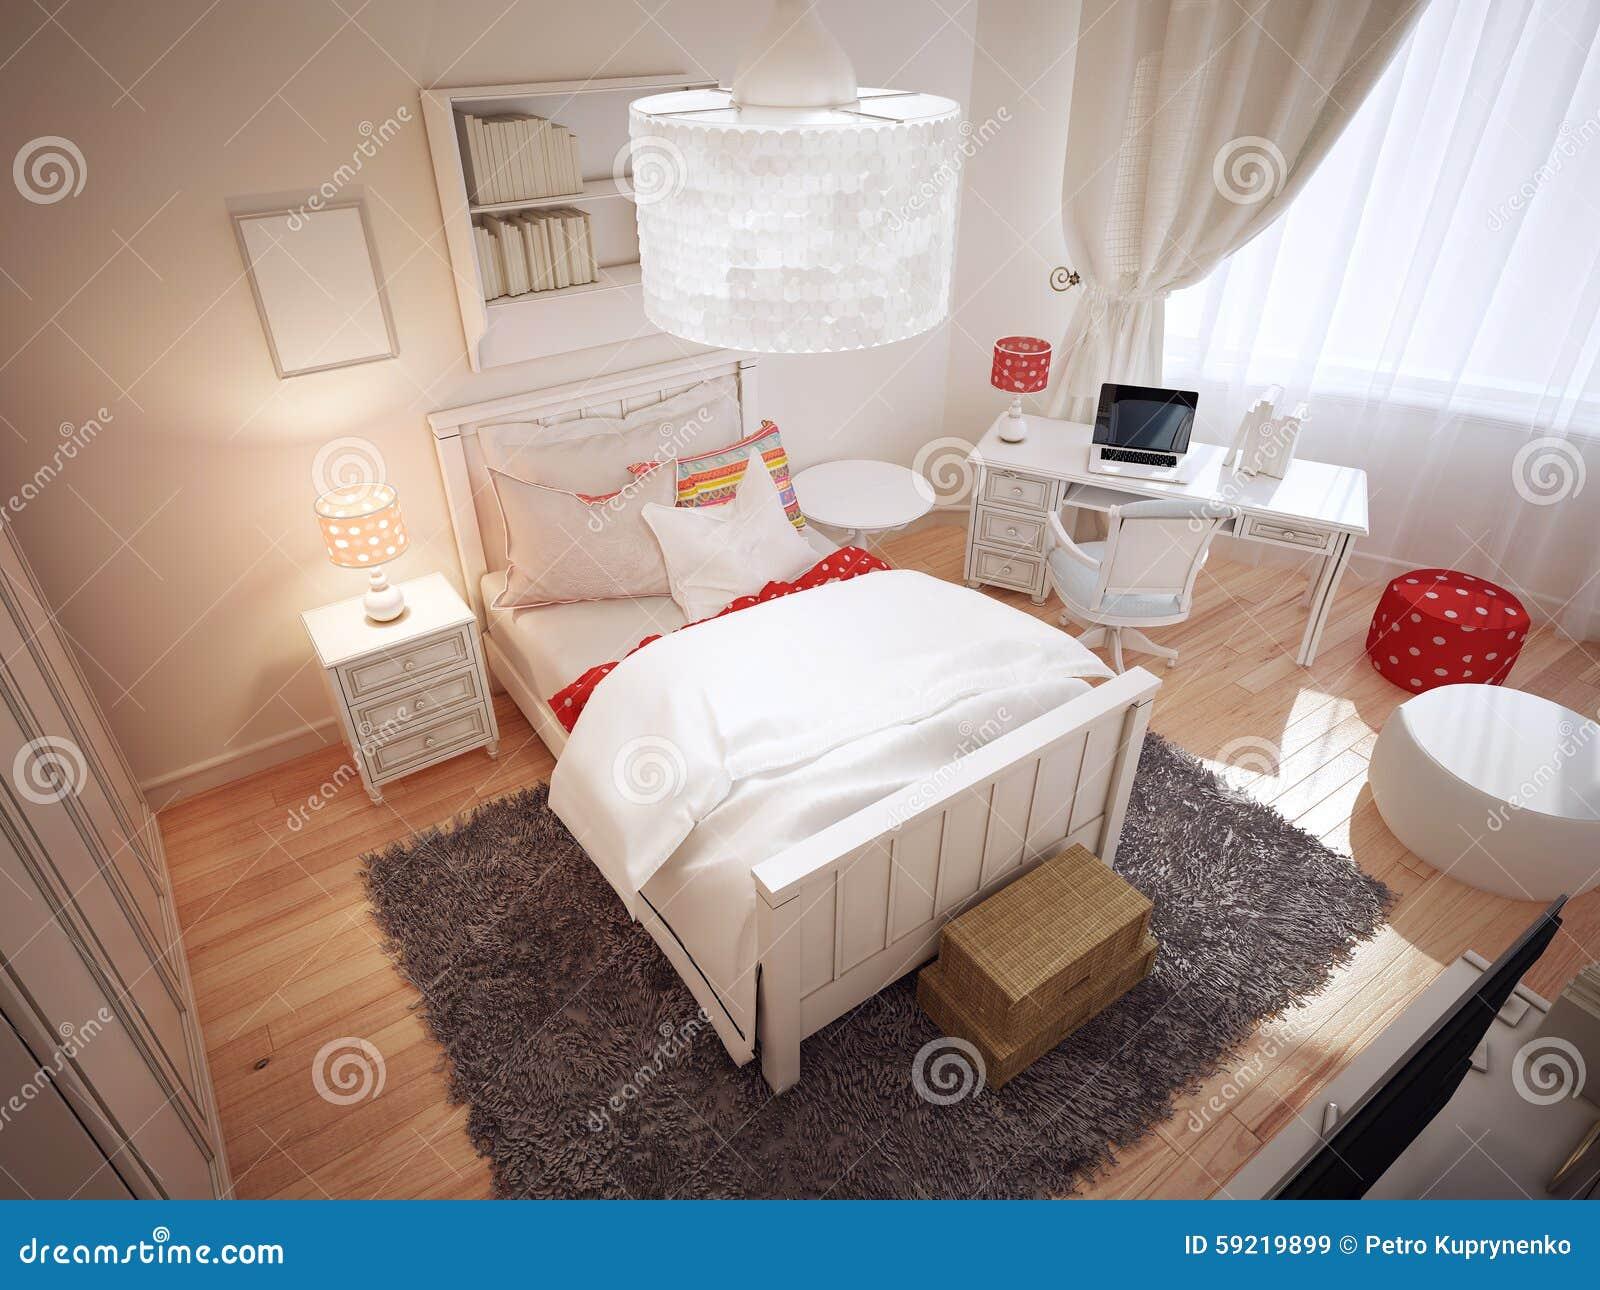 Camere Da Letto Art Deco : Idea della camera da letto di art deco immagine stock immagine